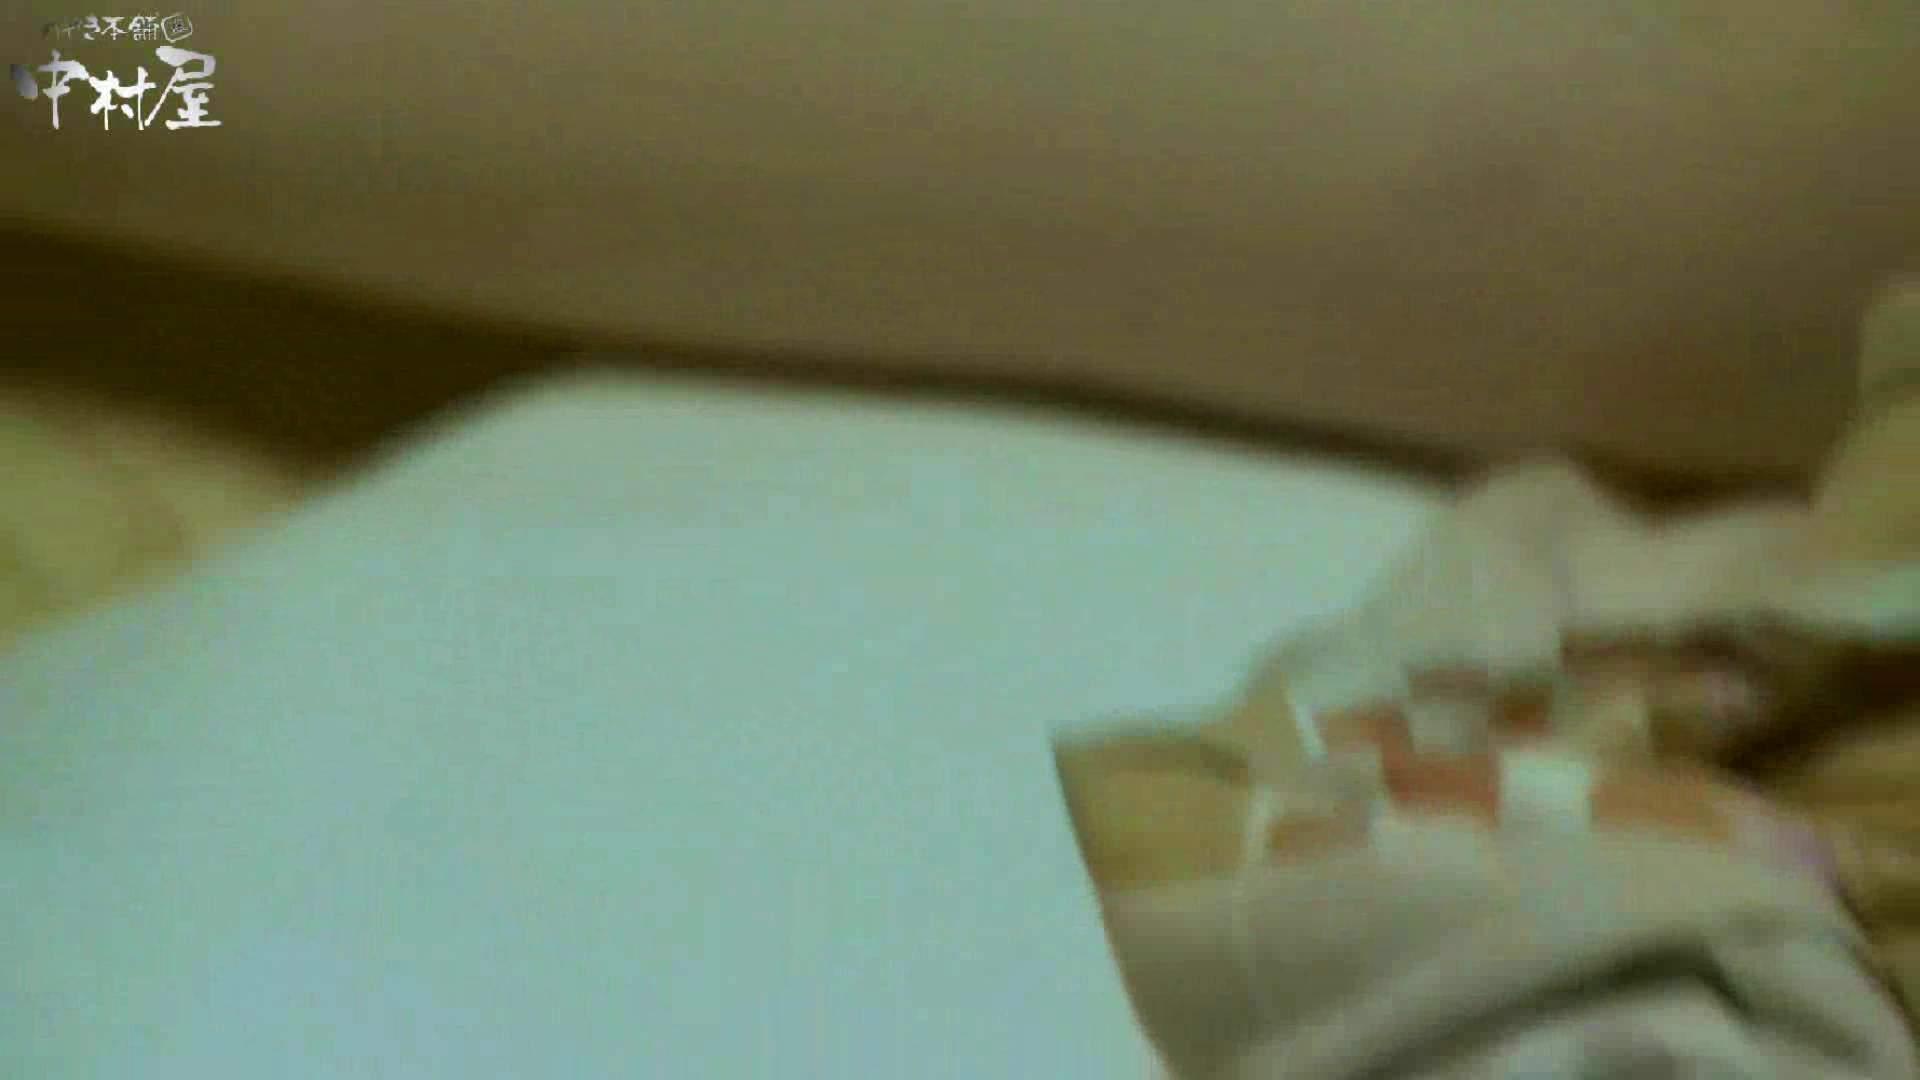 ネムリ姫 vol.18 ホテル 盗撮セックス無修正動画無料 106画像 20